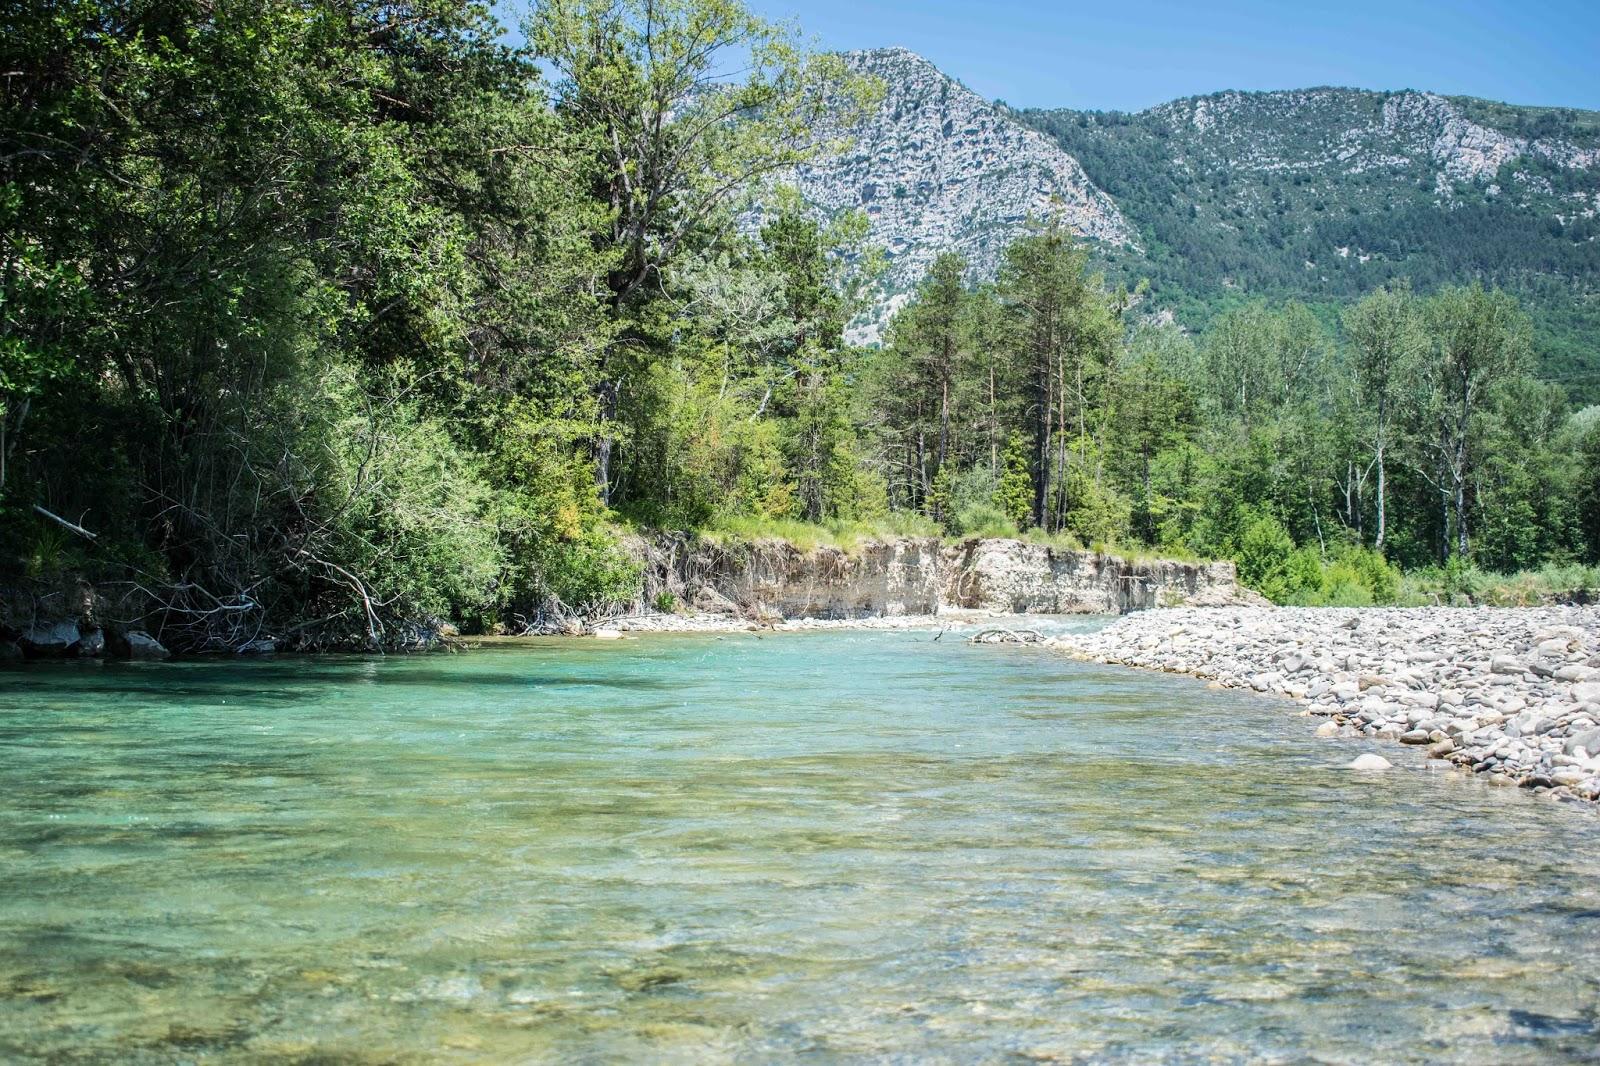 paysage baignade eau turquoise